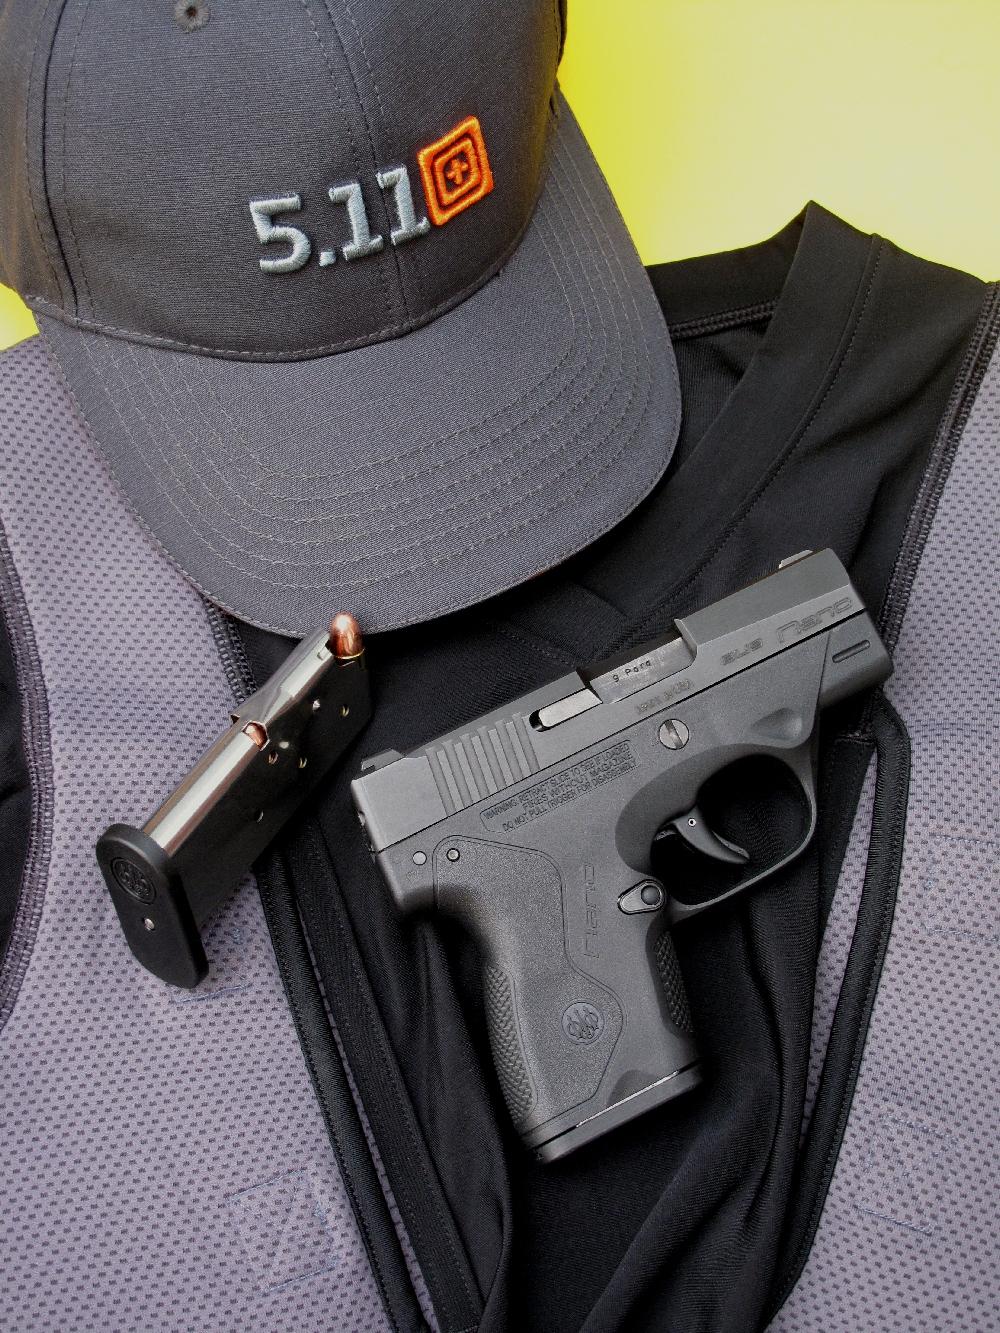 Le Beretta BU9 Nano est accompagné ici d'un « holster shirt » de la firme américaine 5.11, un accessoire tactique qui autorise le port de ce pistolet ultra-compact dans des conditions de confort et de discrétion tout à fait remarquables.